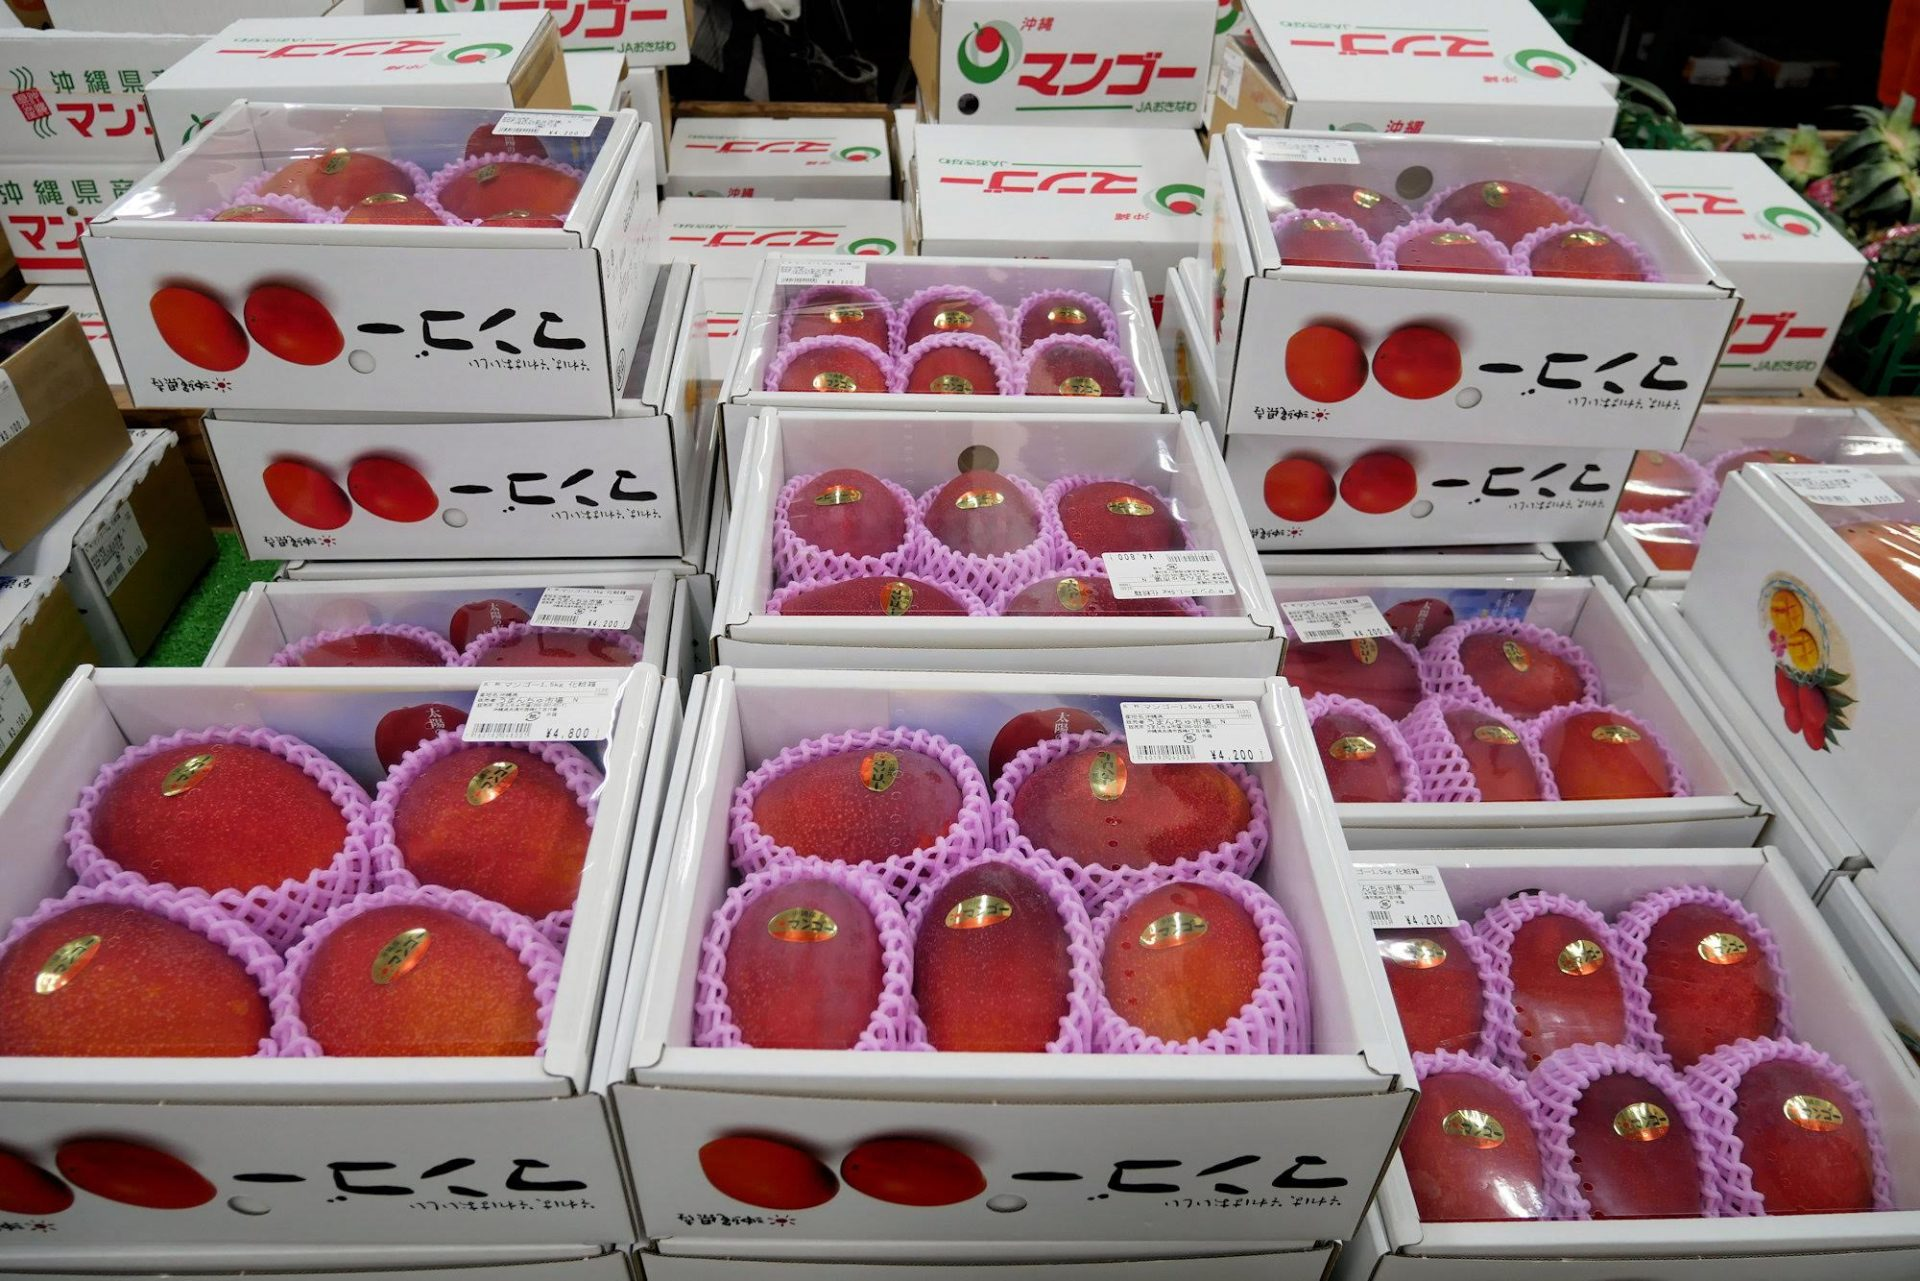 マンゴー うまんちゅ市場 糸満 ファーマーズマーケット